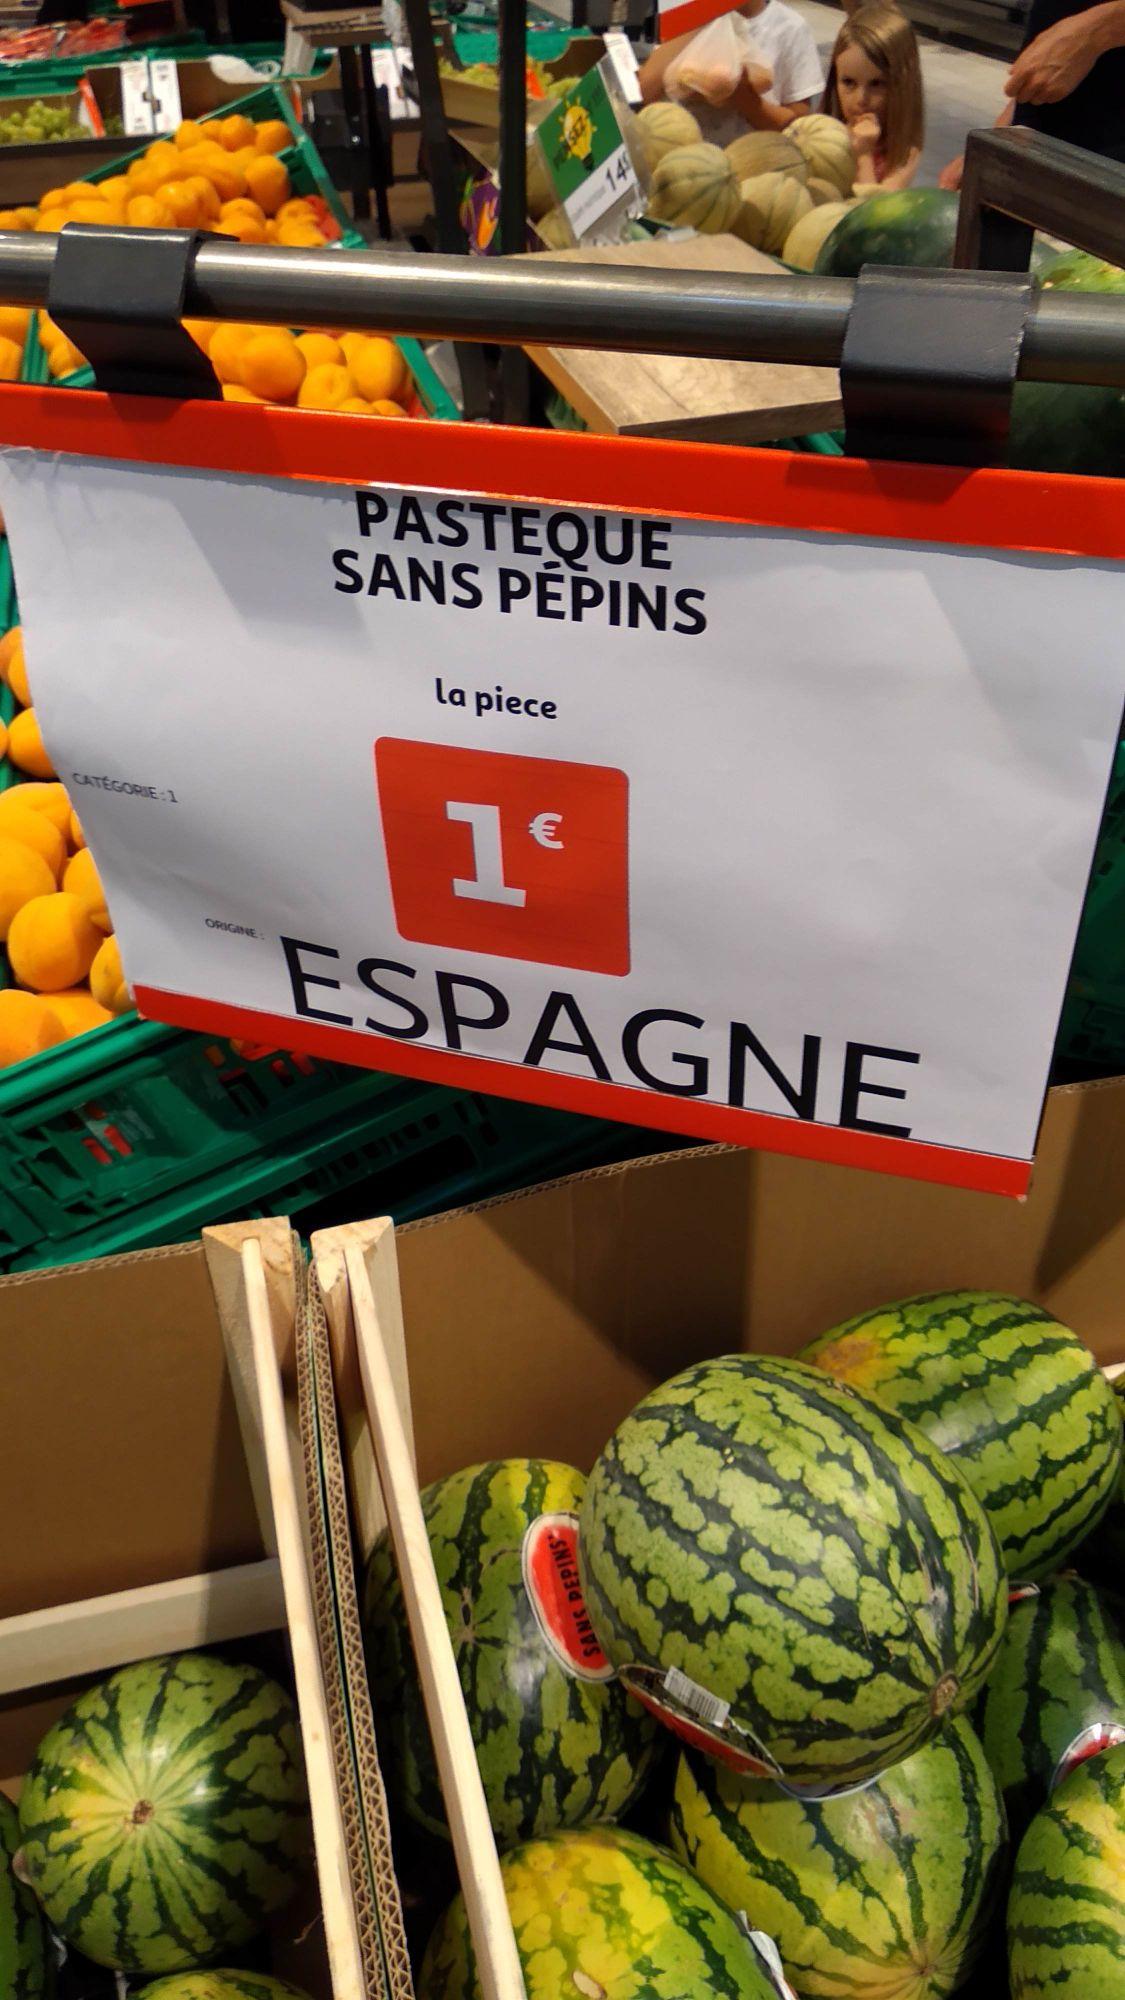 Pastèque sans pépins Origine Espagne - Calais (62)